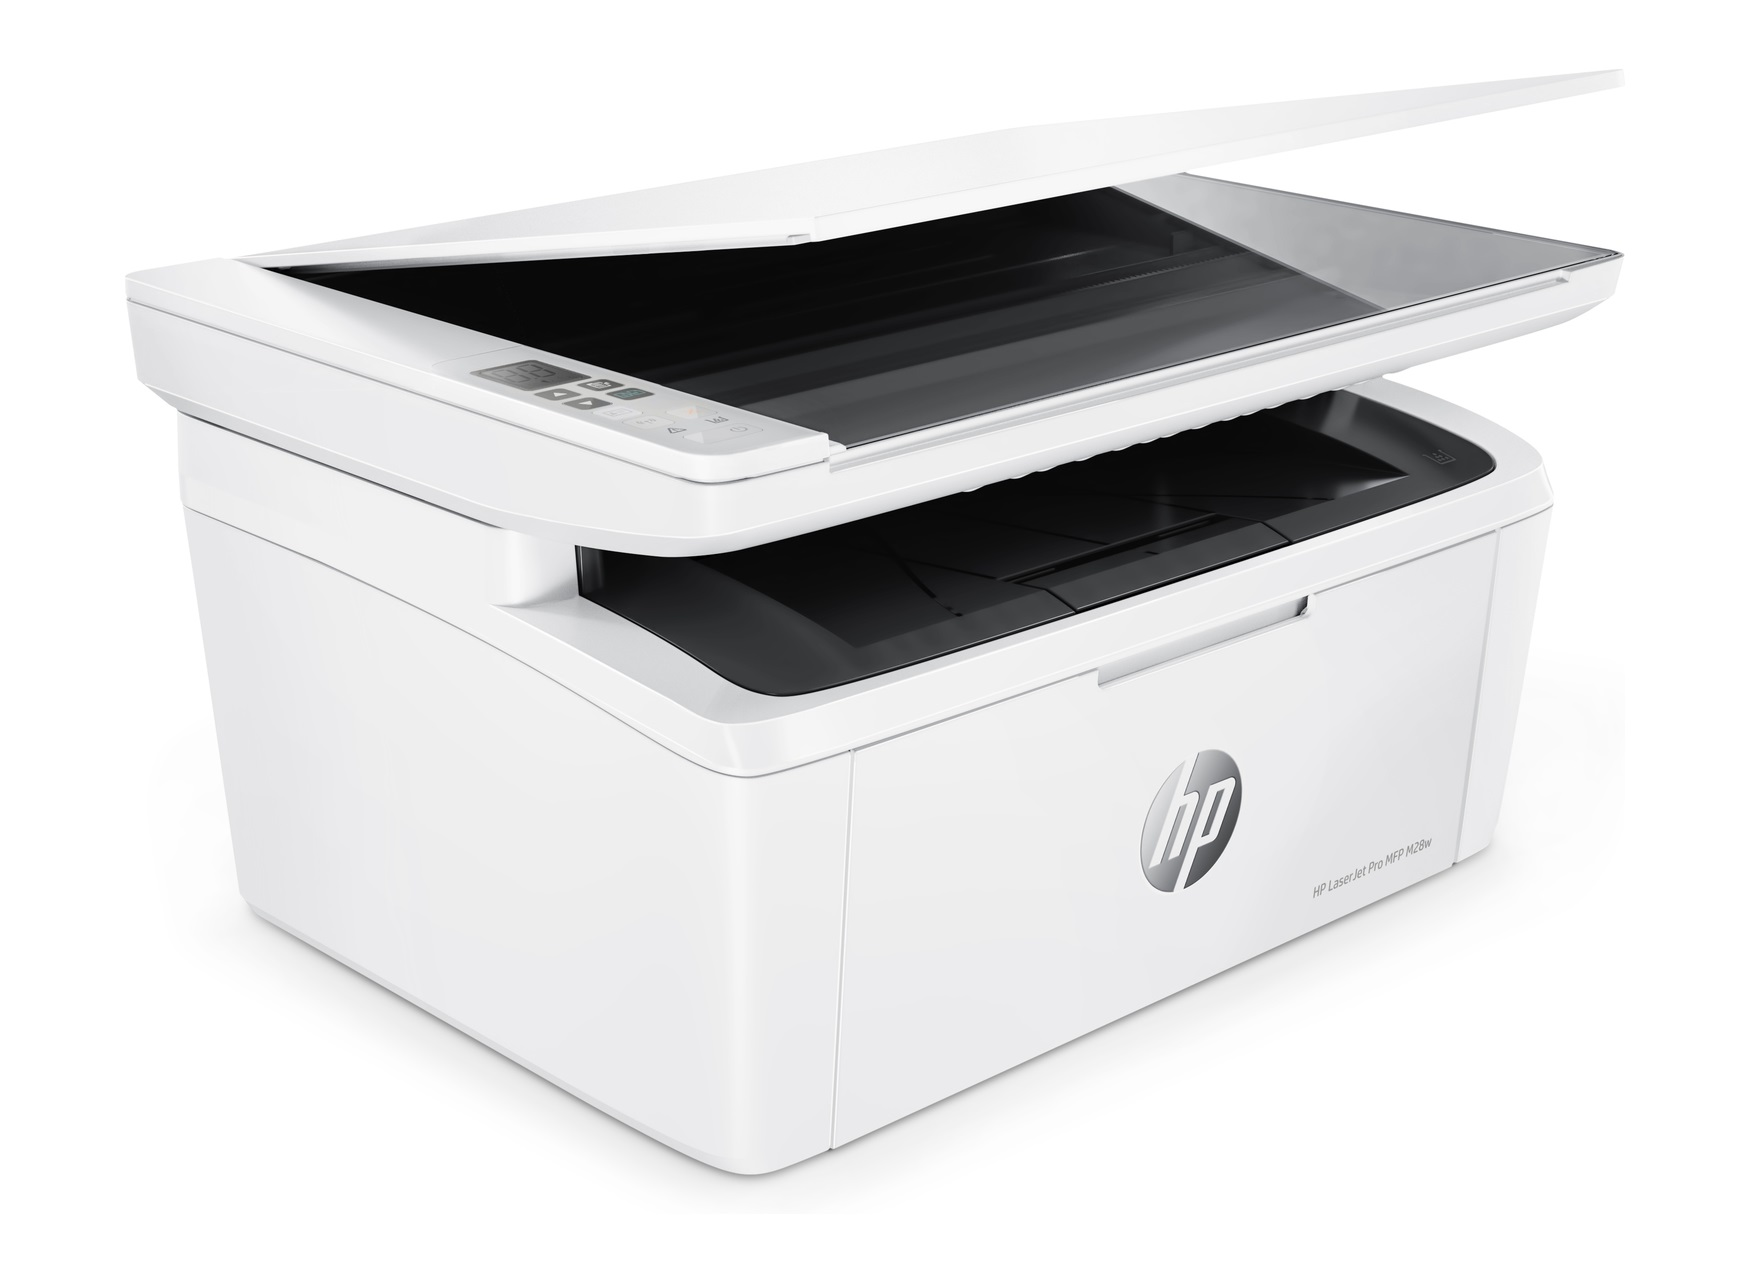 Принтер HP LaserJet Pro MFP M28w